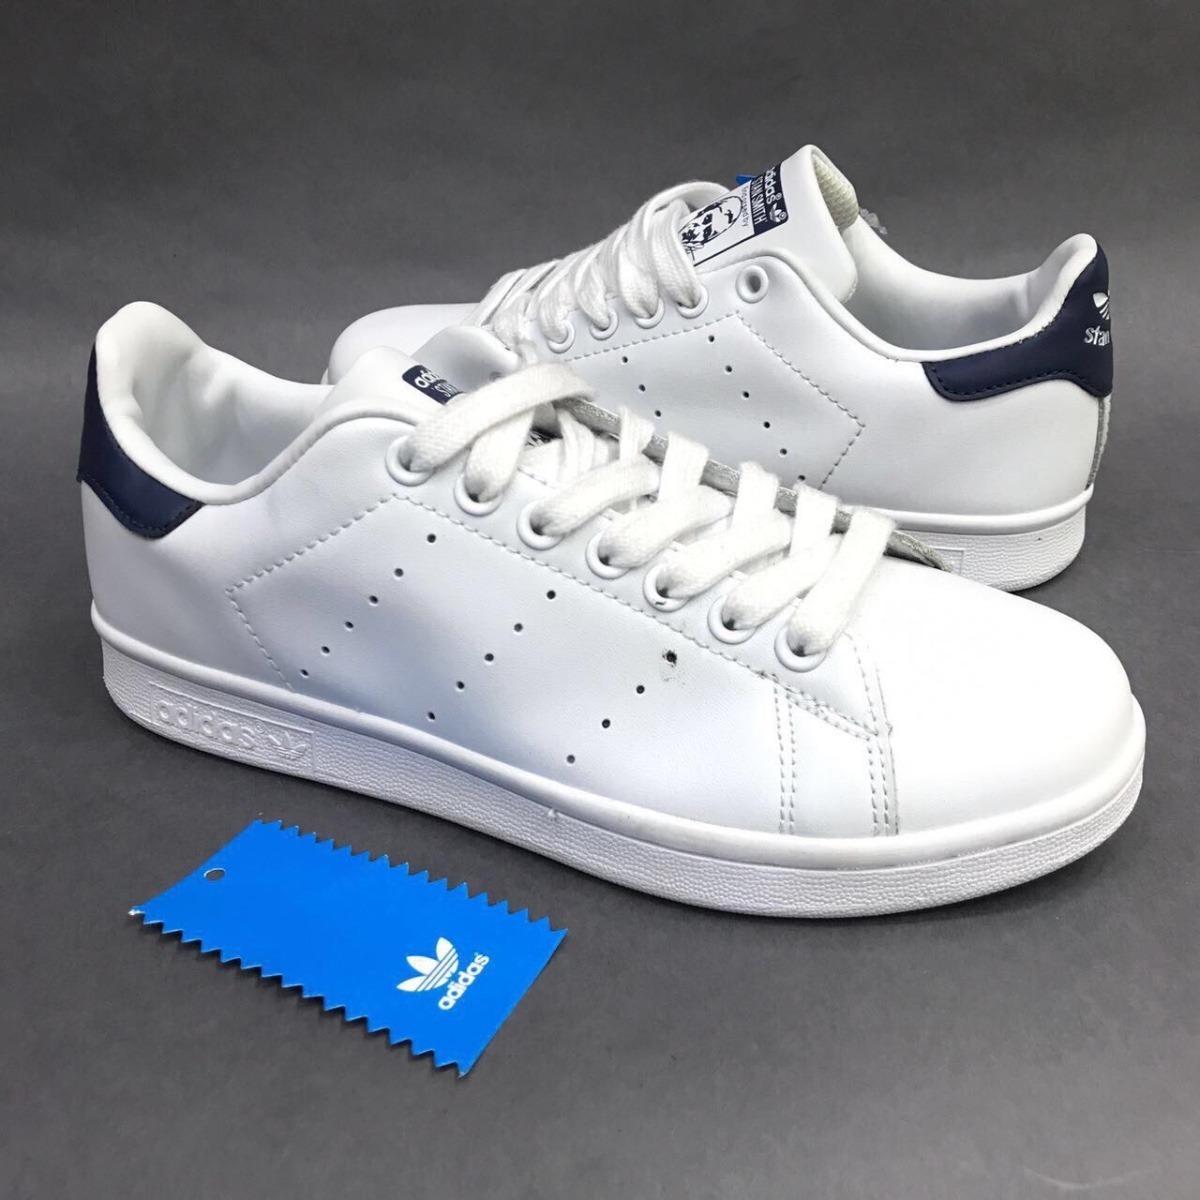 discount shop united states los angeles Tenis Zapatillas adidas Stan Smith Blanca Azul Hombre Envio